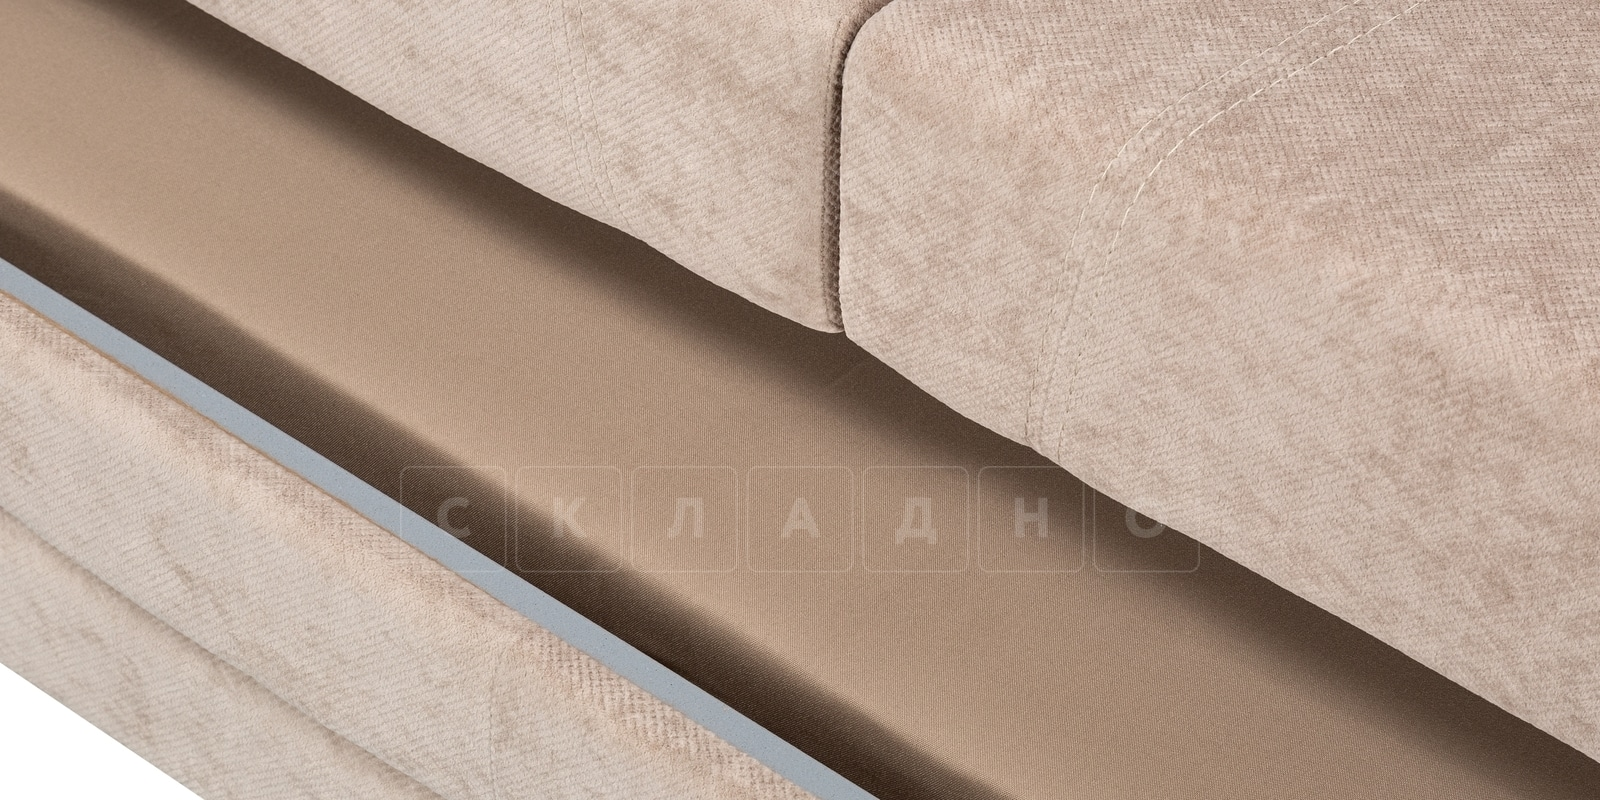 Диван угловой Бристоль флок бежевый правый угол фото 7 | интернет-магазин Складно